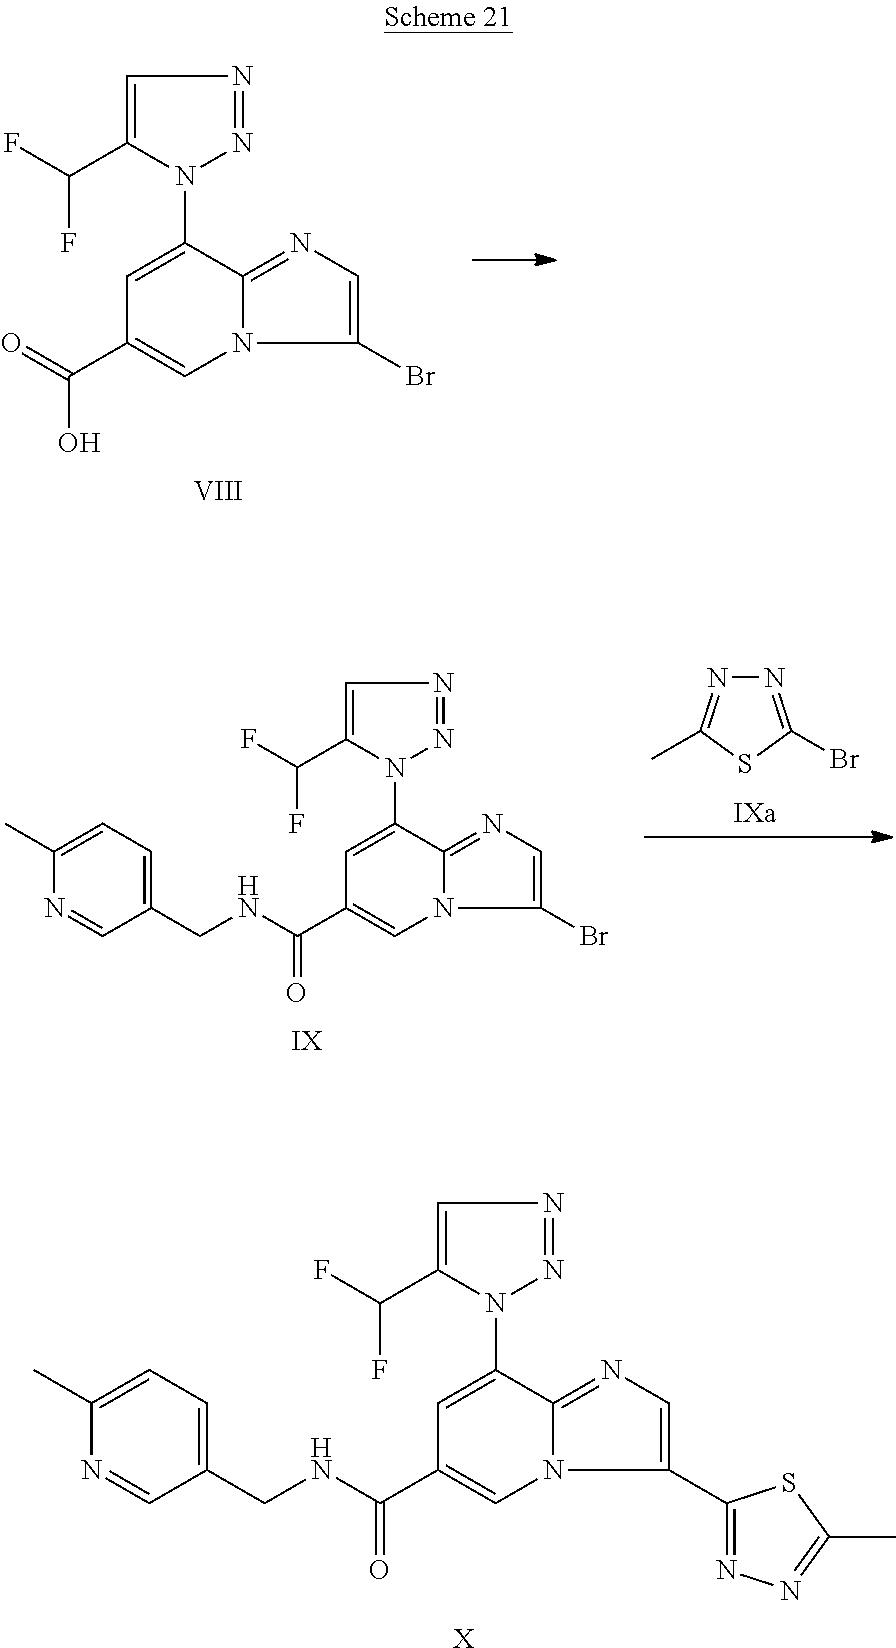 Figure US09908879-20180306-C00040